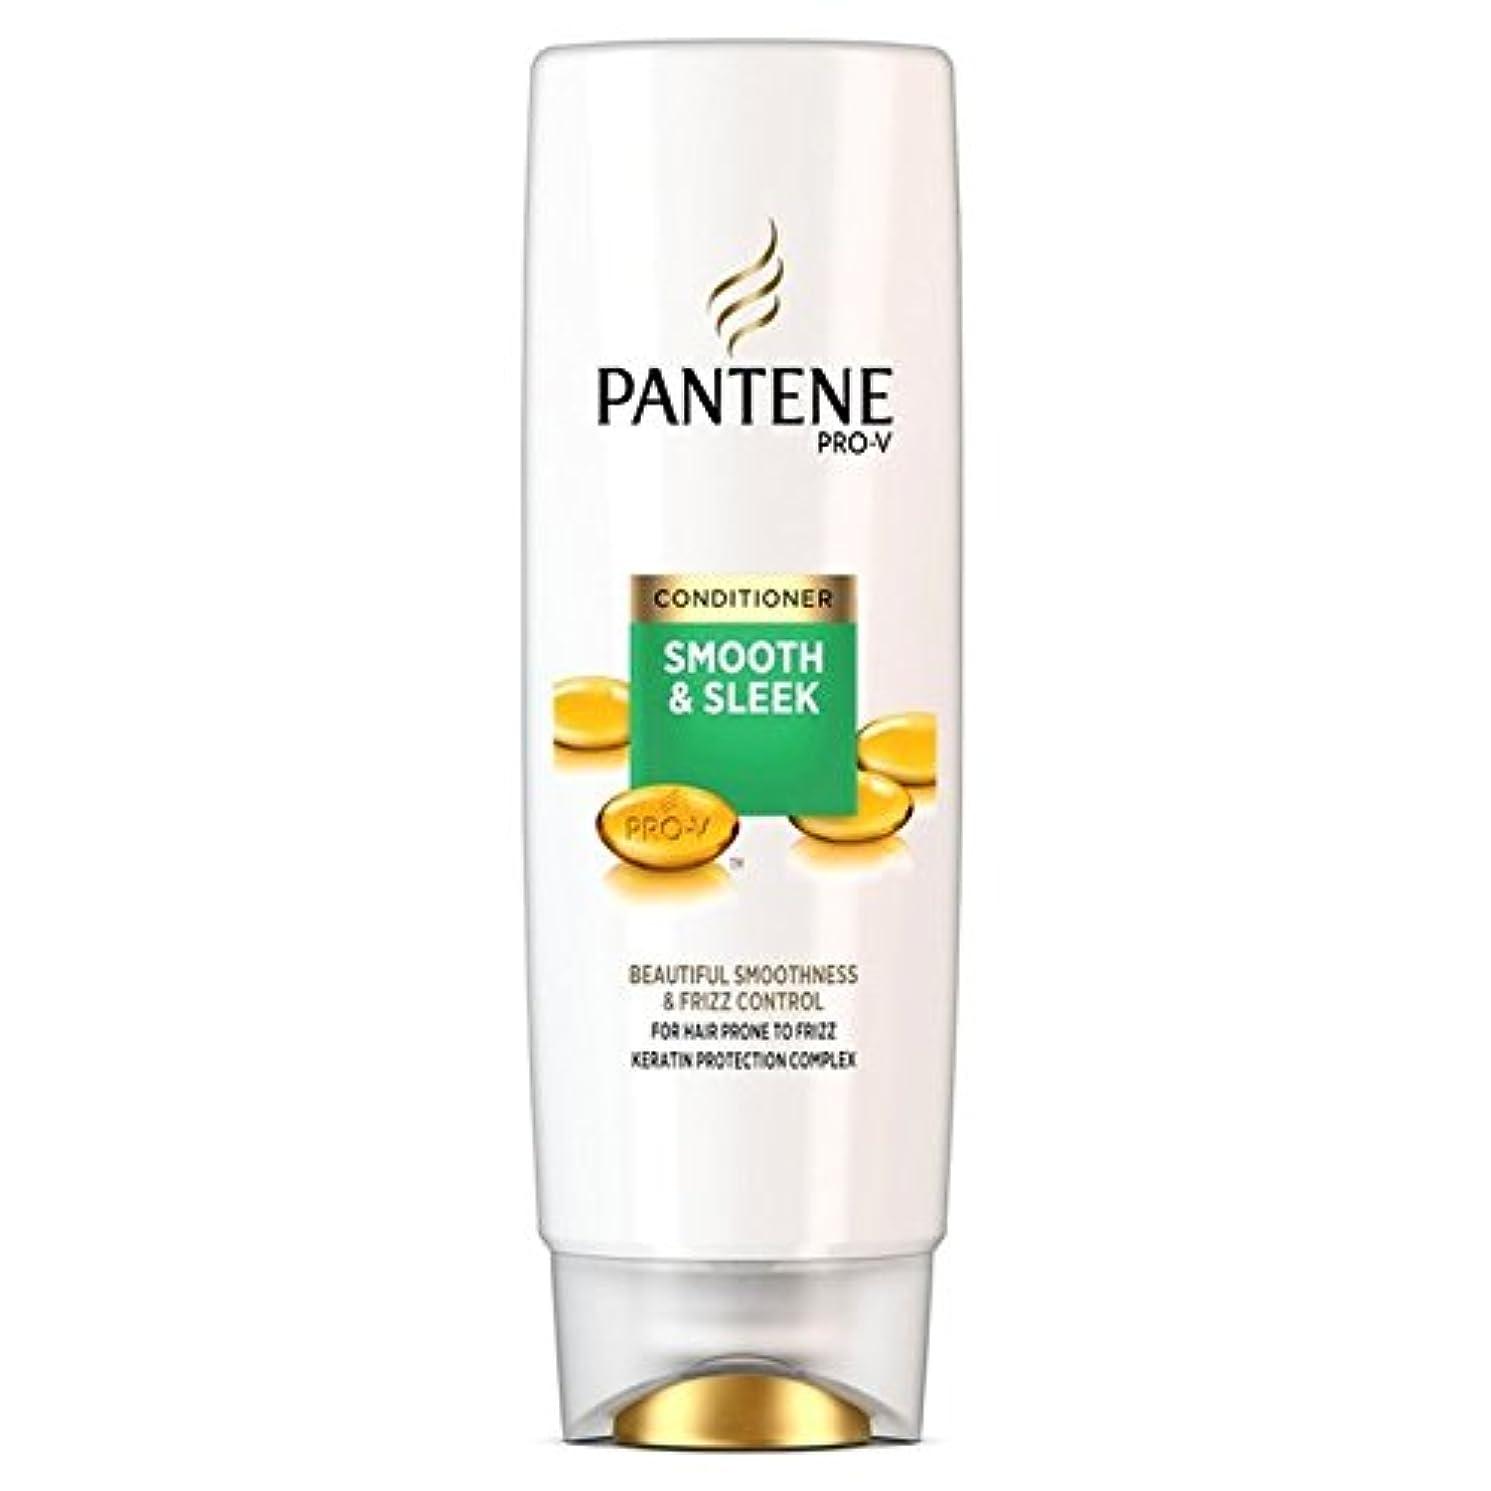 公園スズメバチファウルパンテーンコンディショナースムーズ&縮れ250ミリリットルを受けやすい髪になめらかな x2 - Pantene Conditioner Smooth & Sleek For Hair Prone to Frizz 250ml (Pack of 2) [並行輸入品]